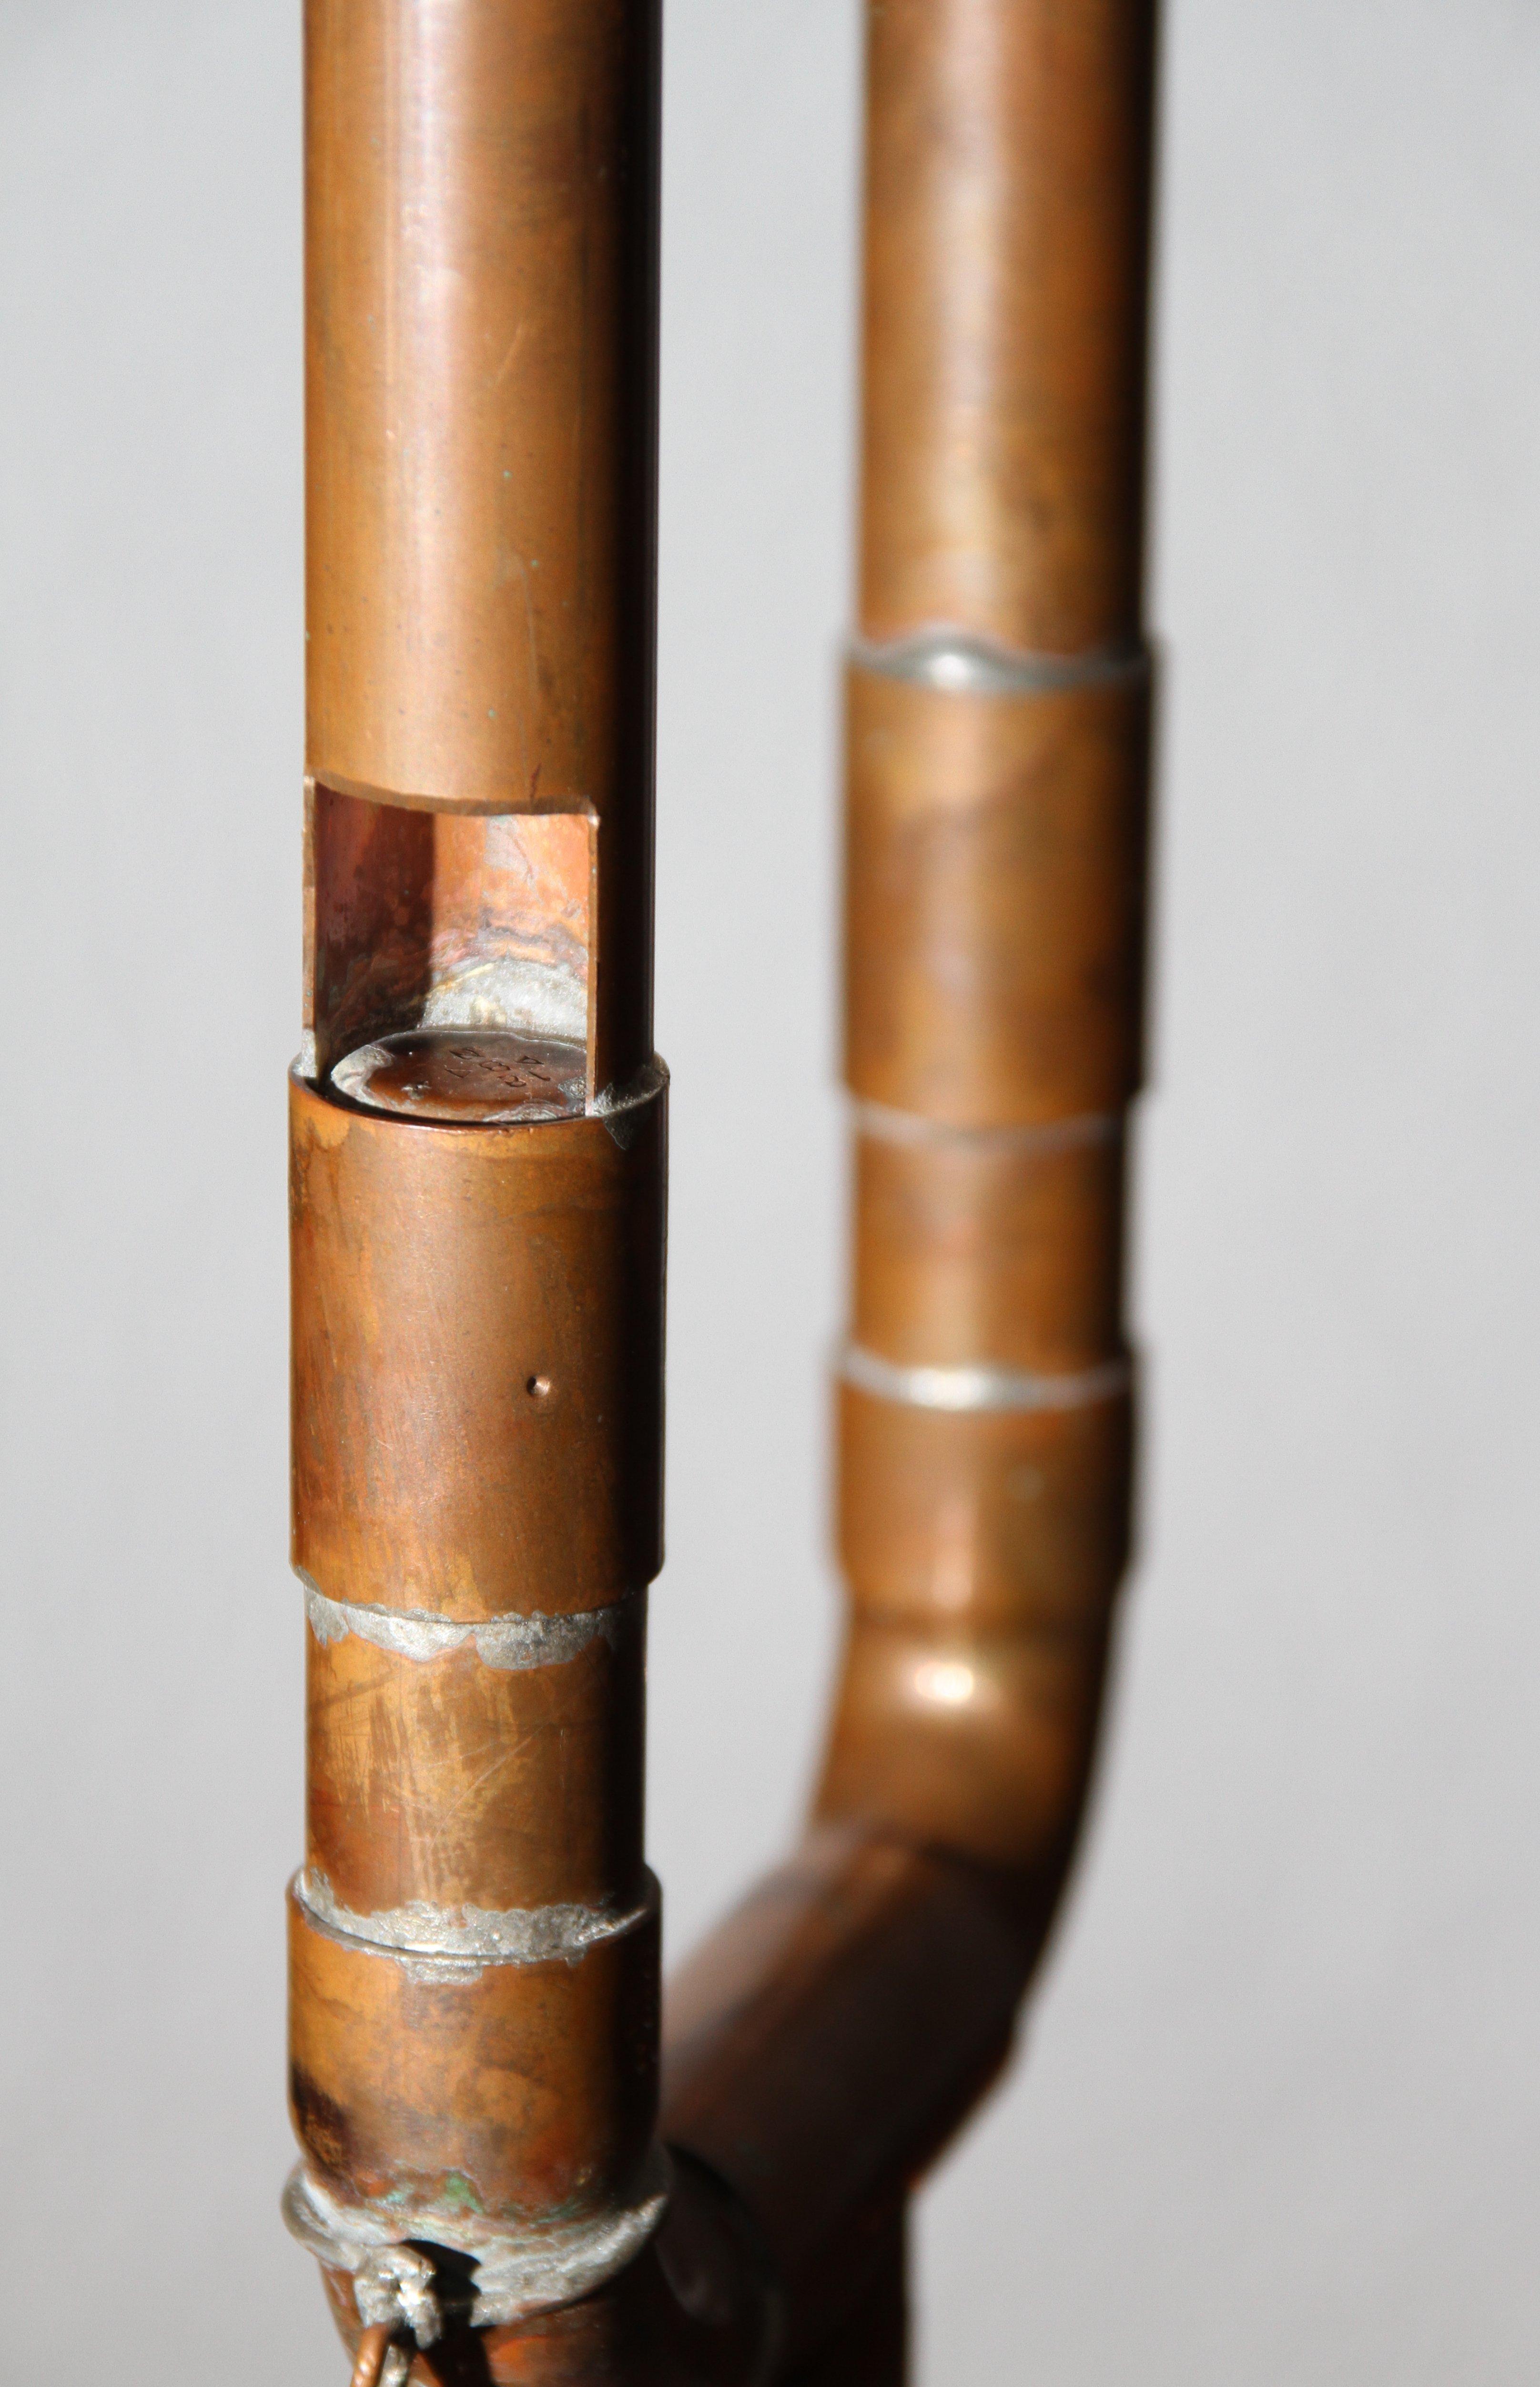 A steam whistle